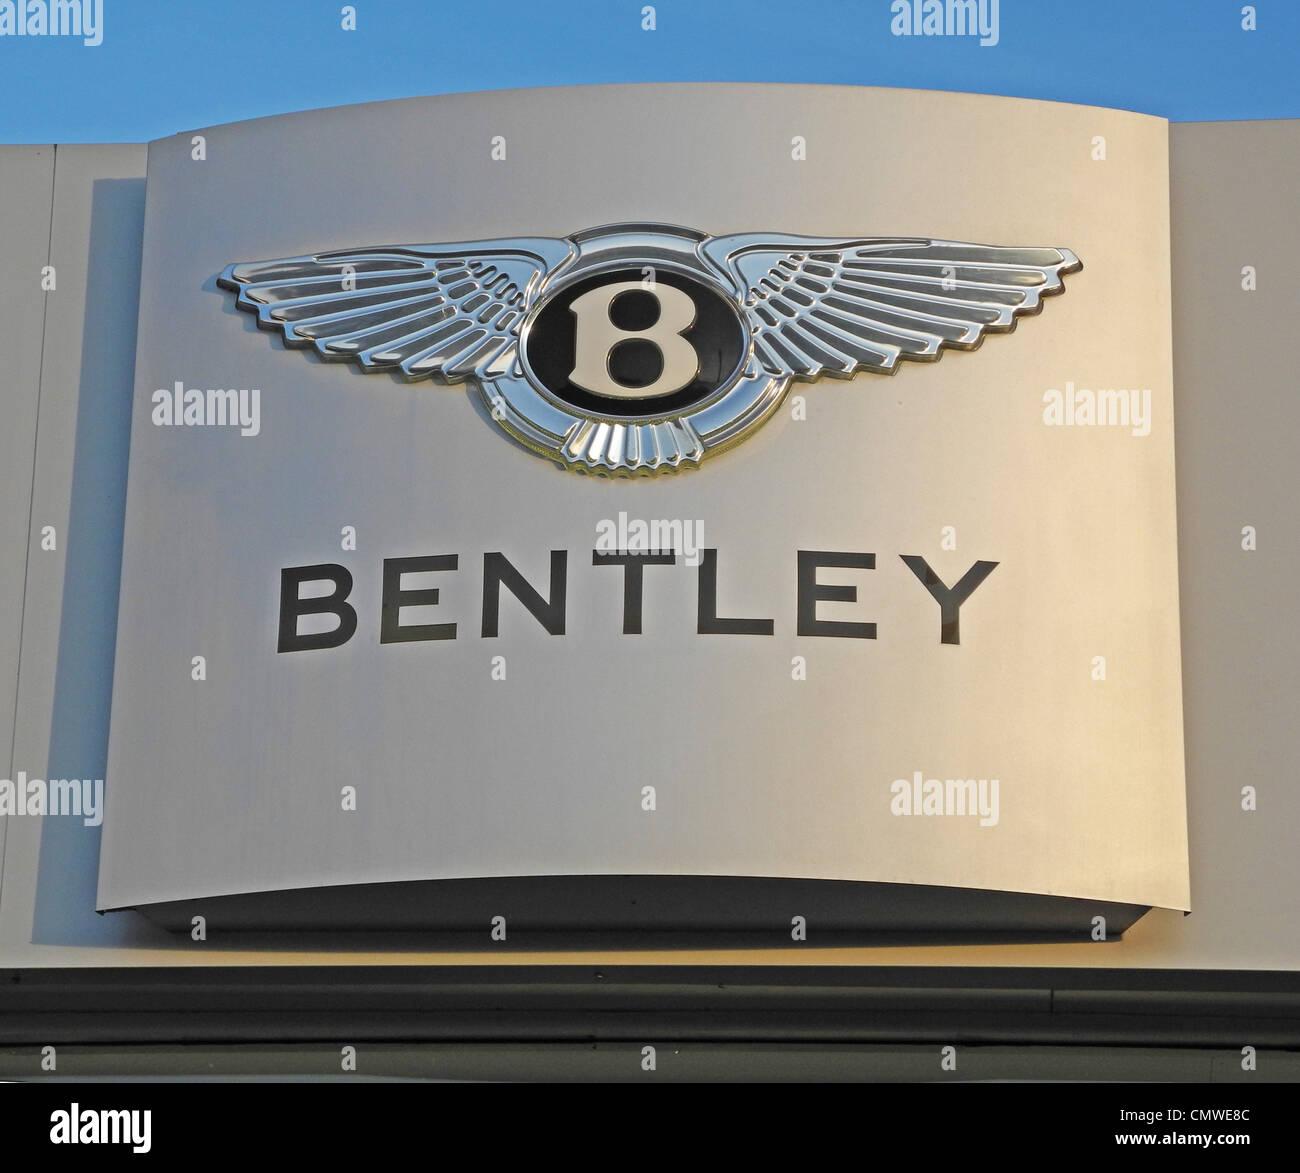 The Bentley Car Company Trade Mark On A Garage Editorial